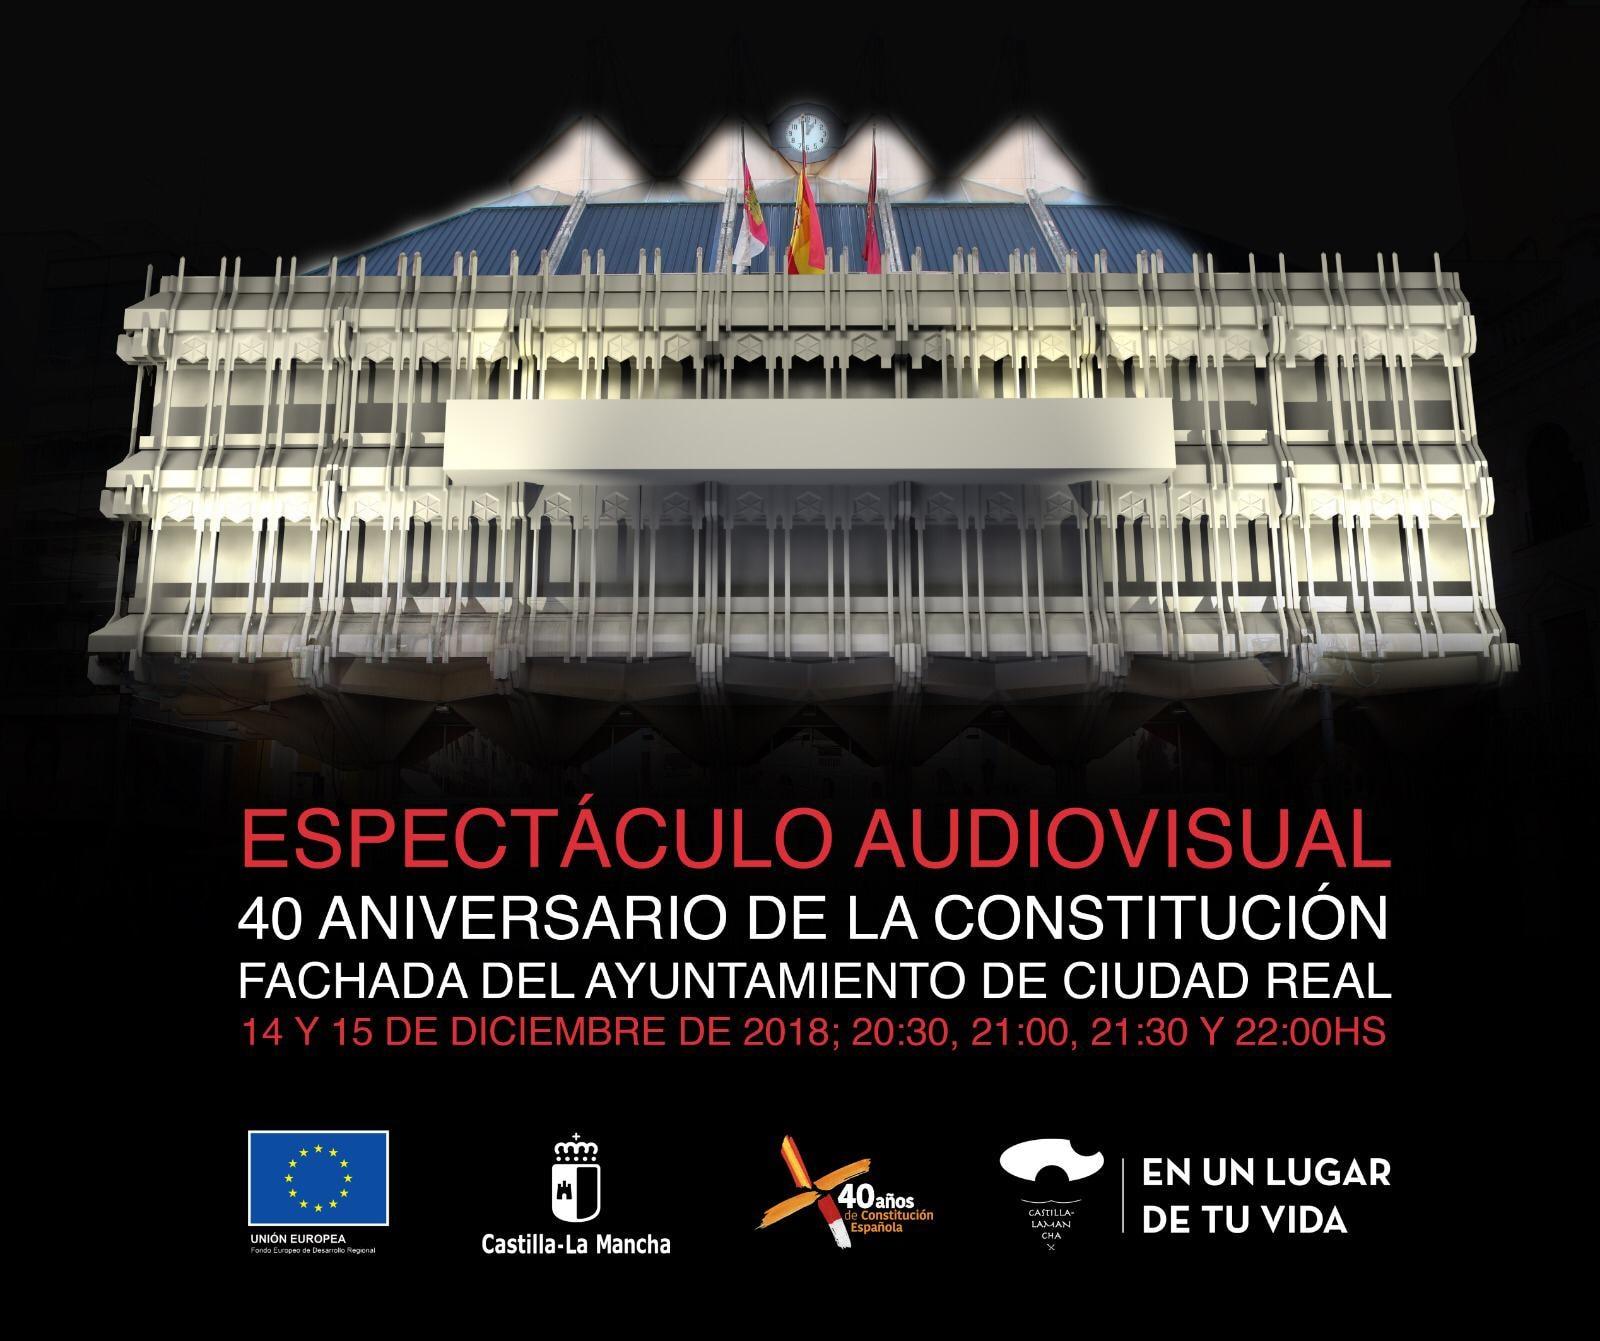 espectaculo audiovisual